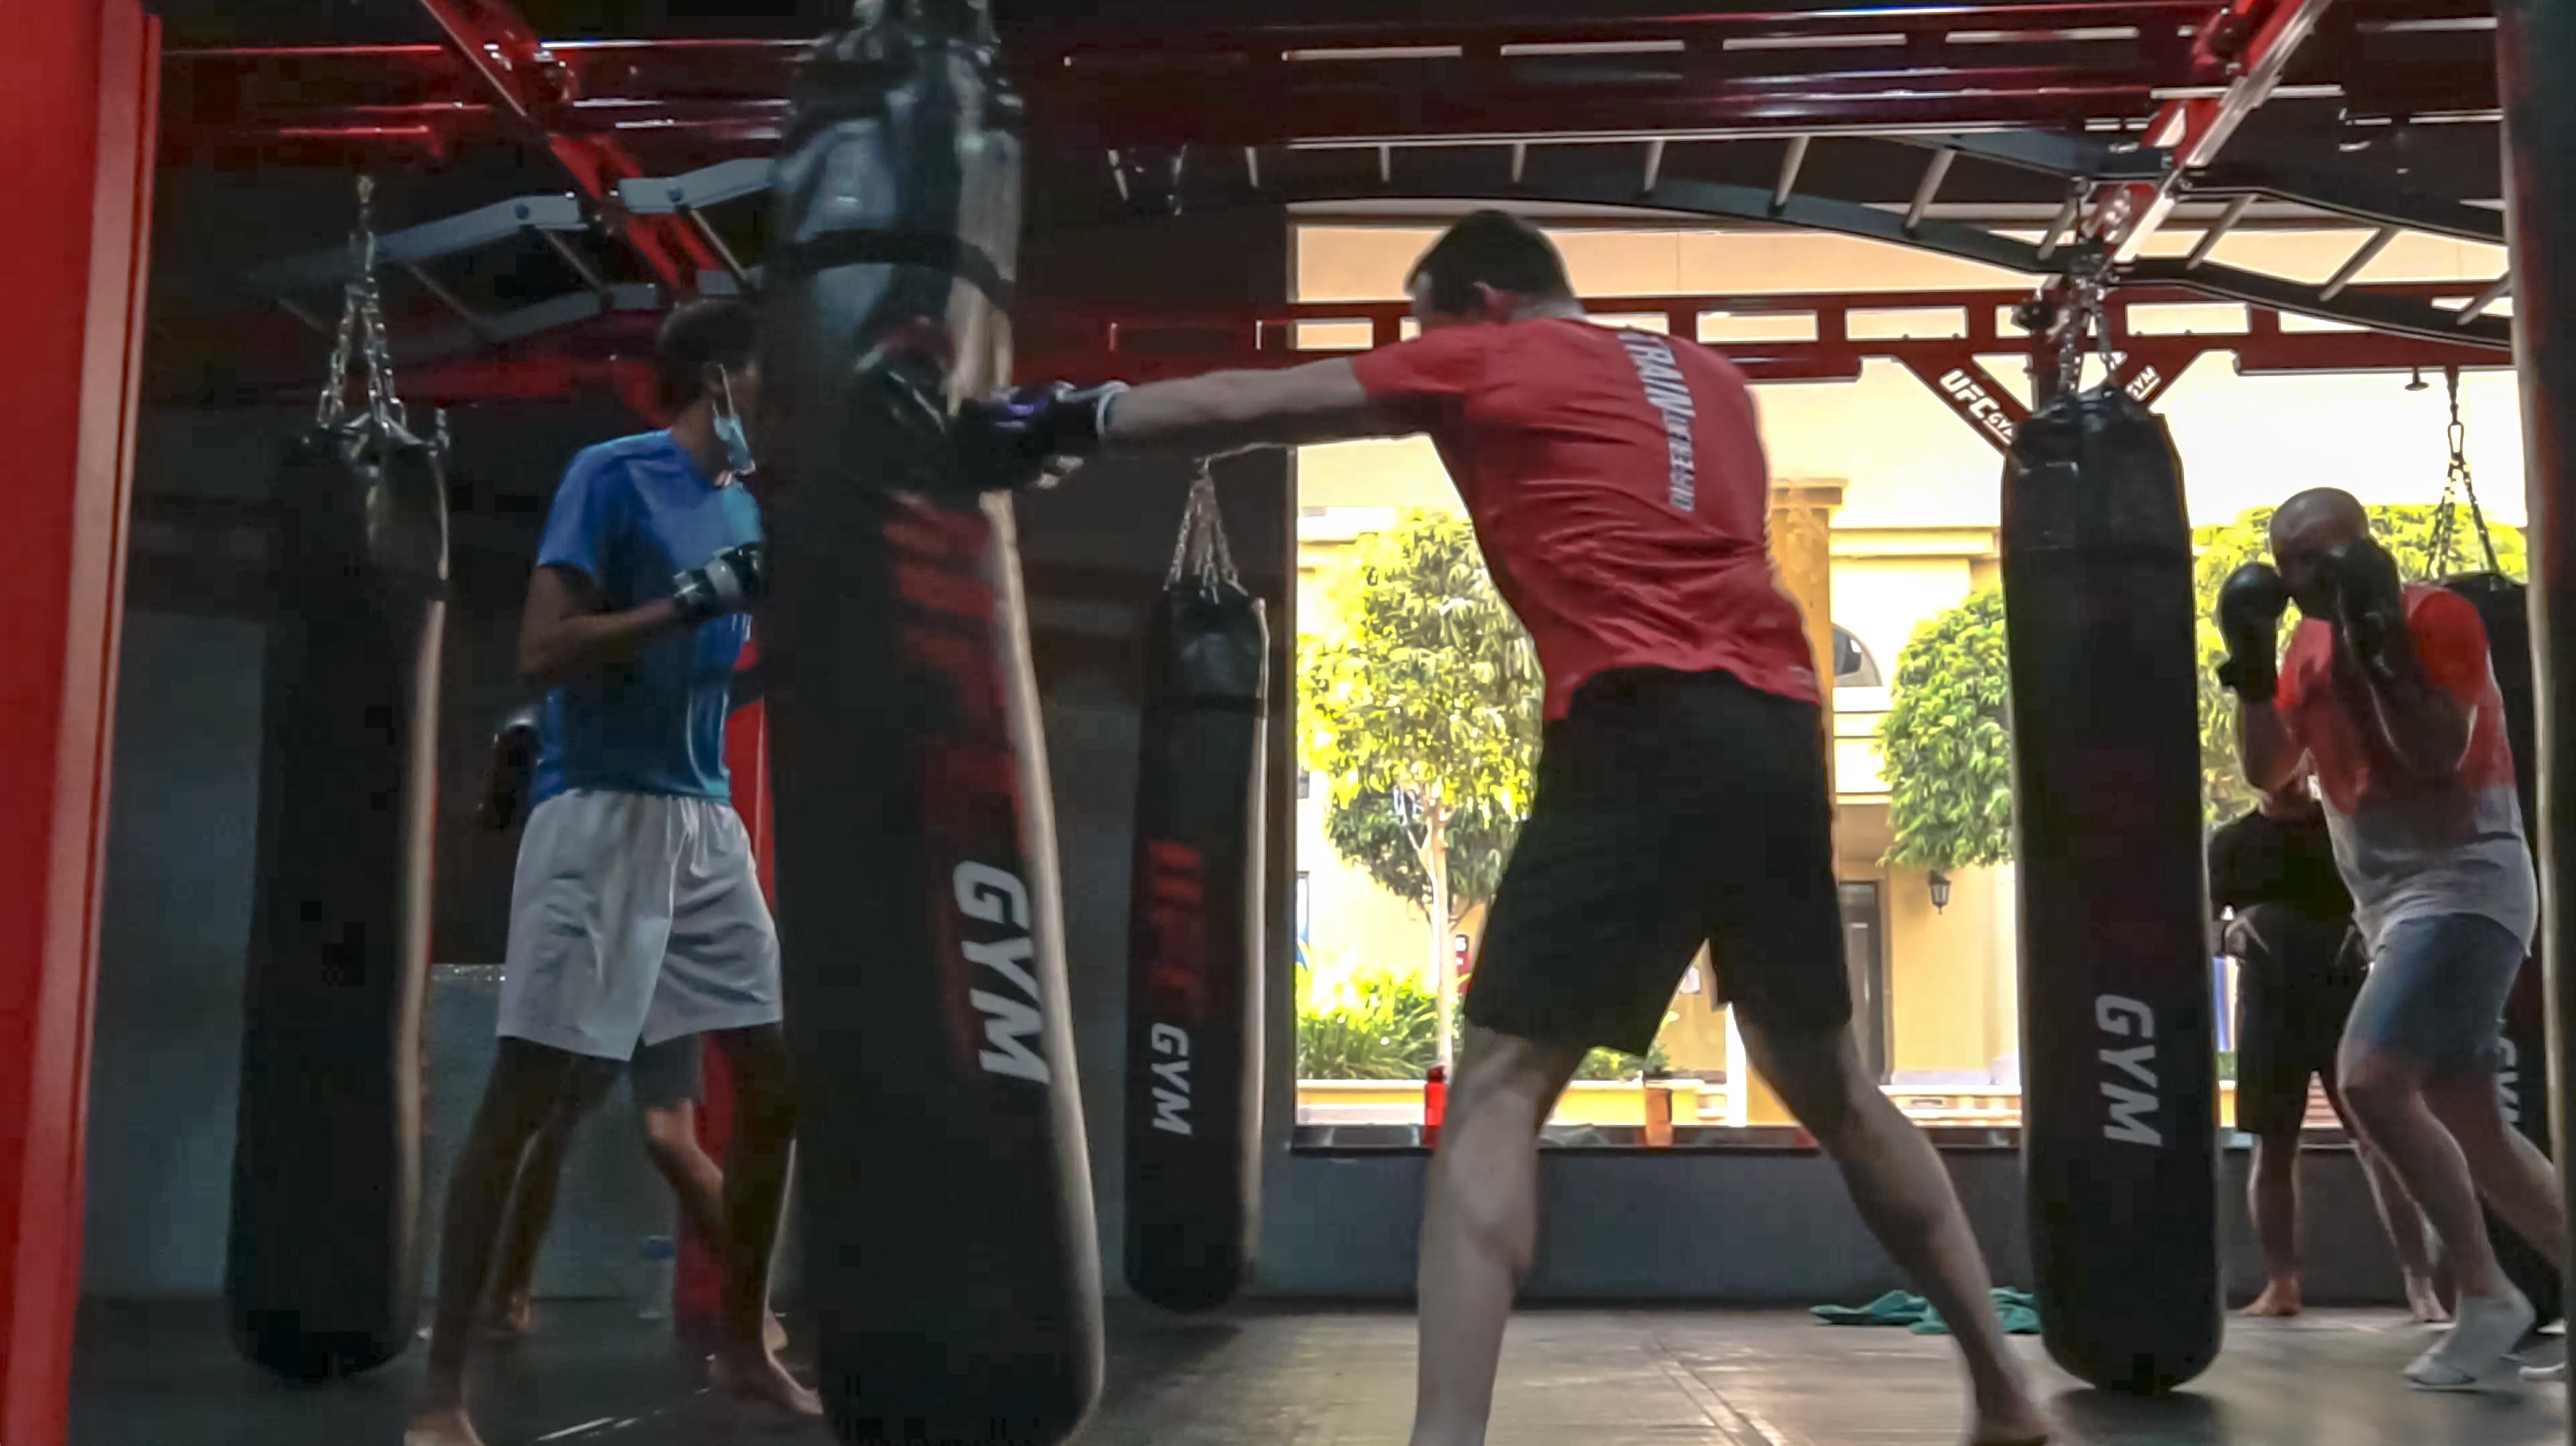 Member practicing kickboxing